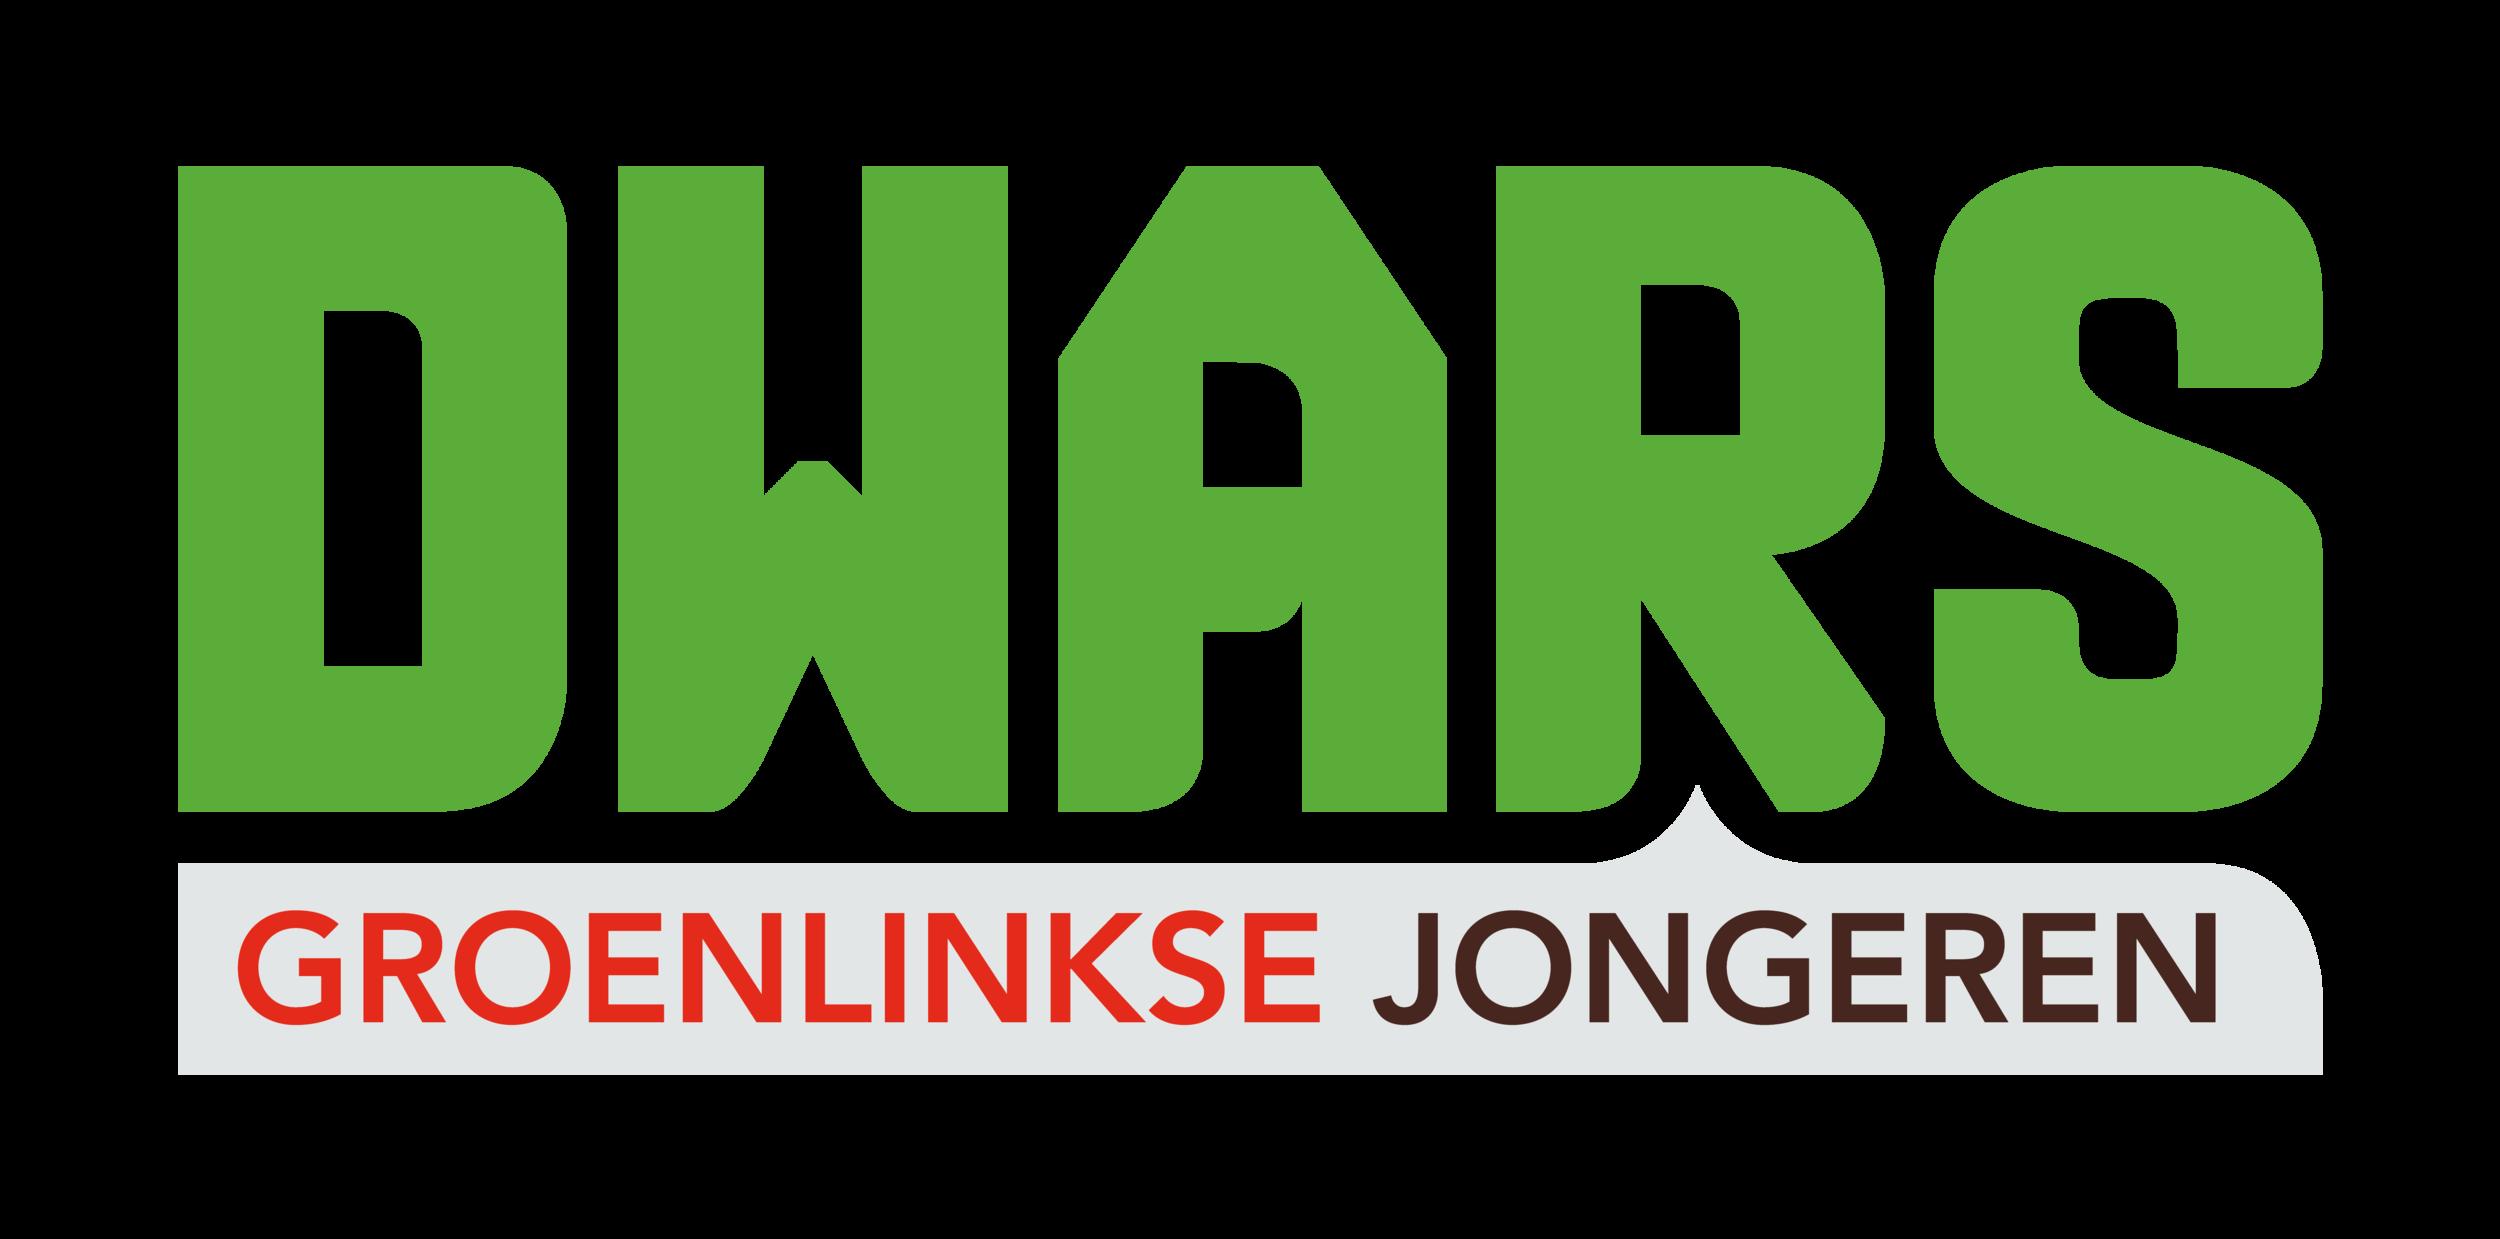 dwars-logo-rgb-groot.png